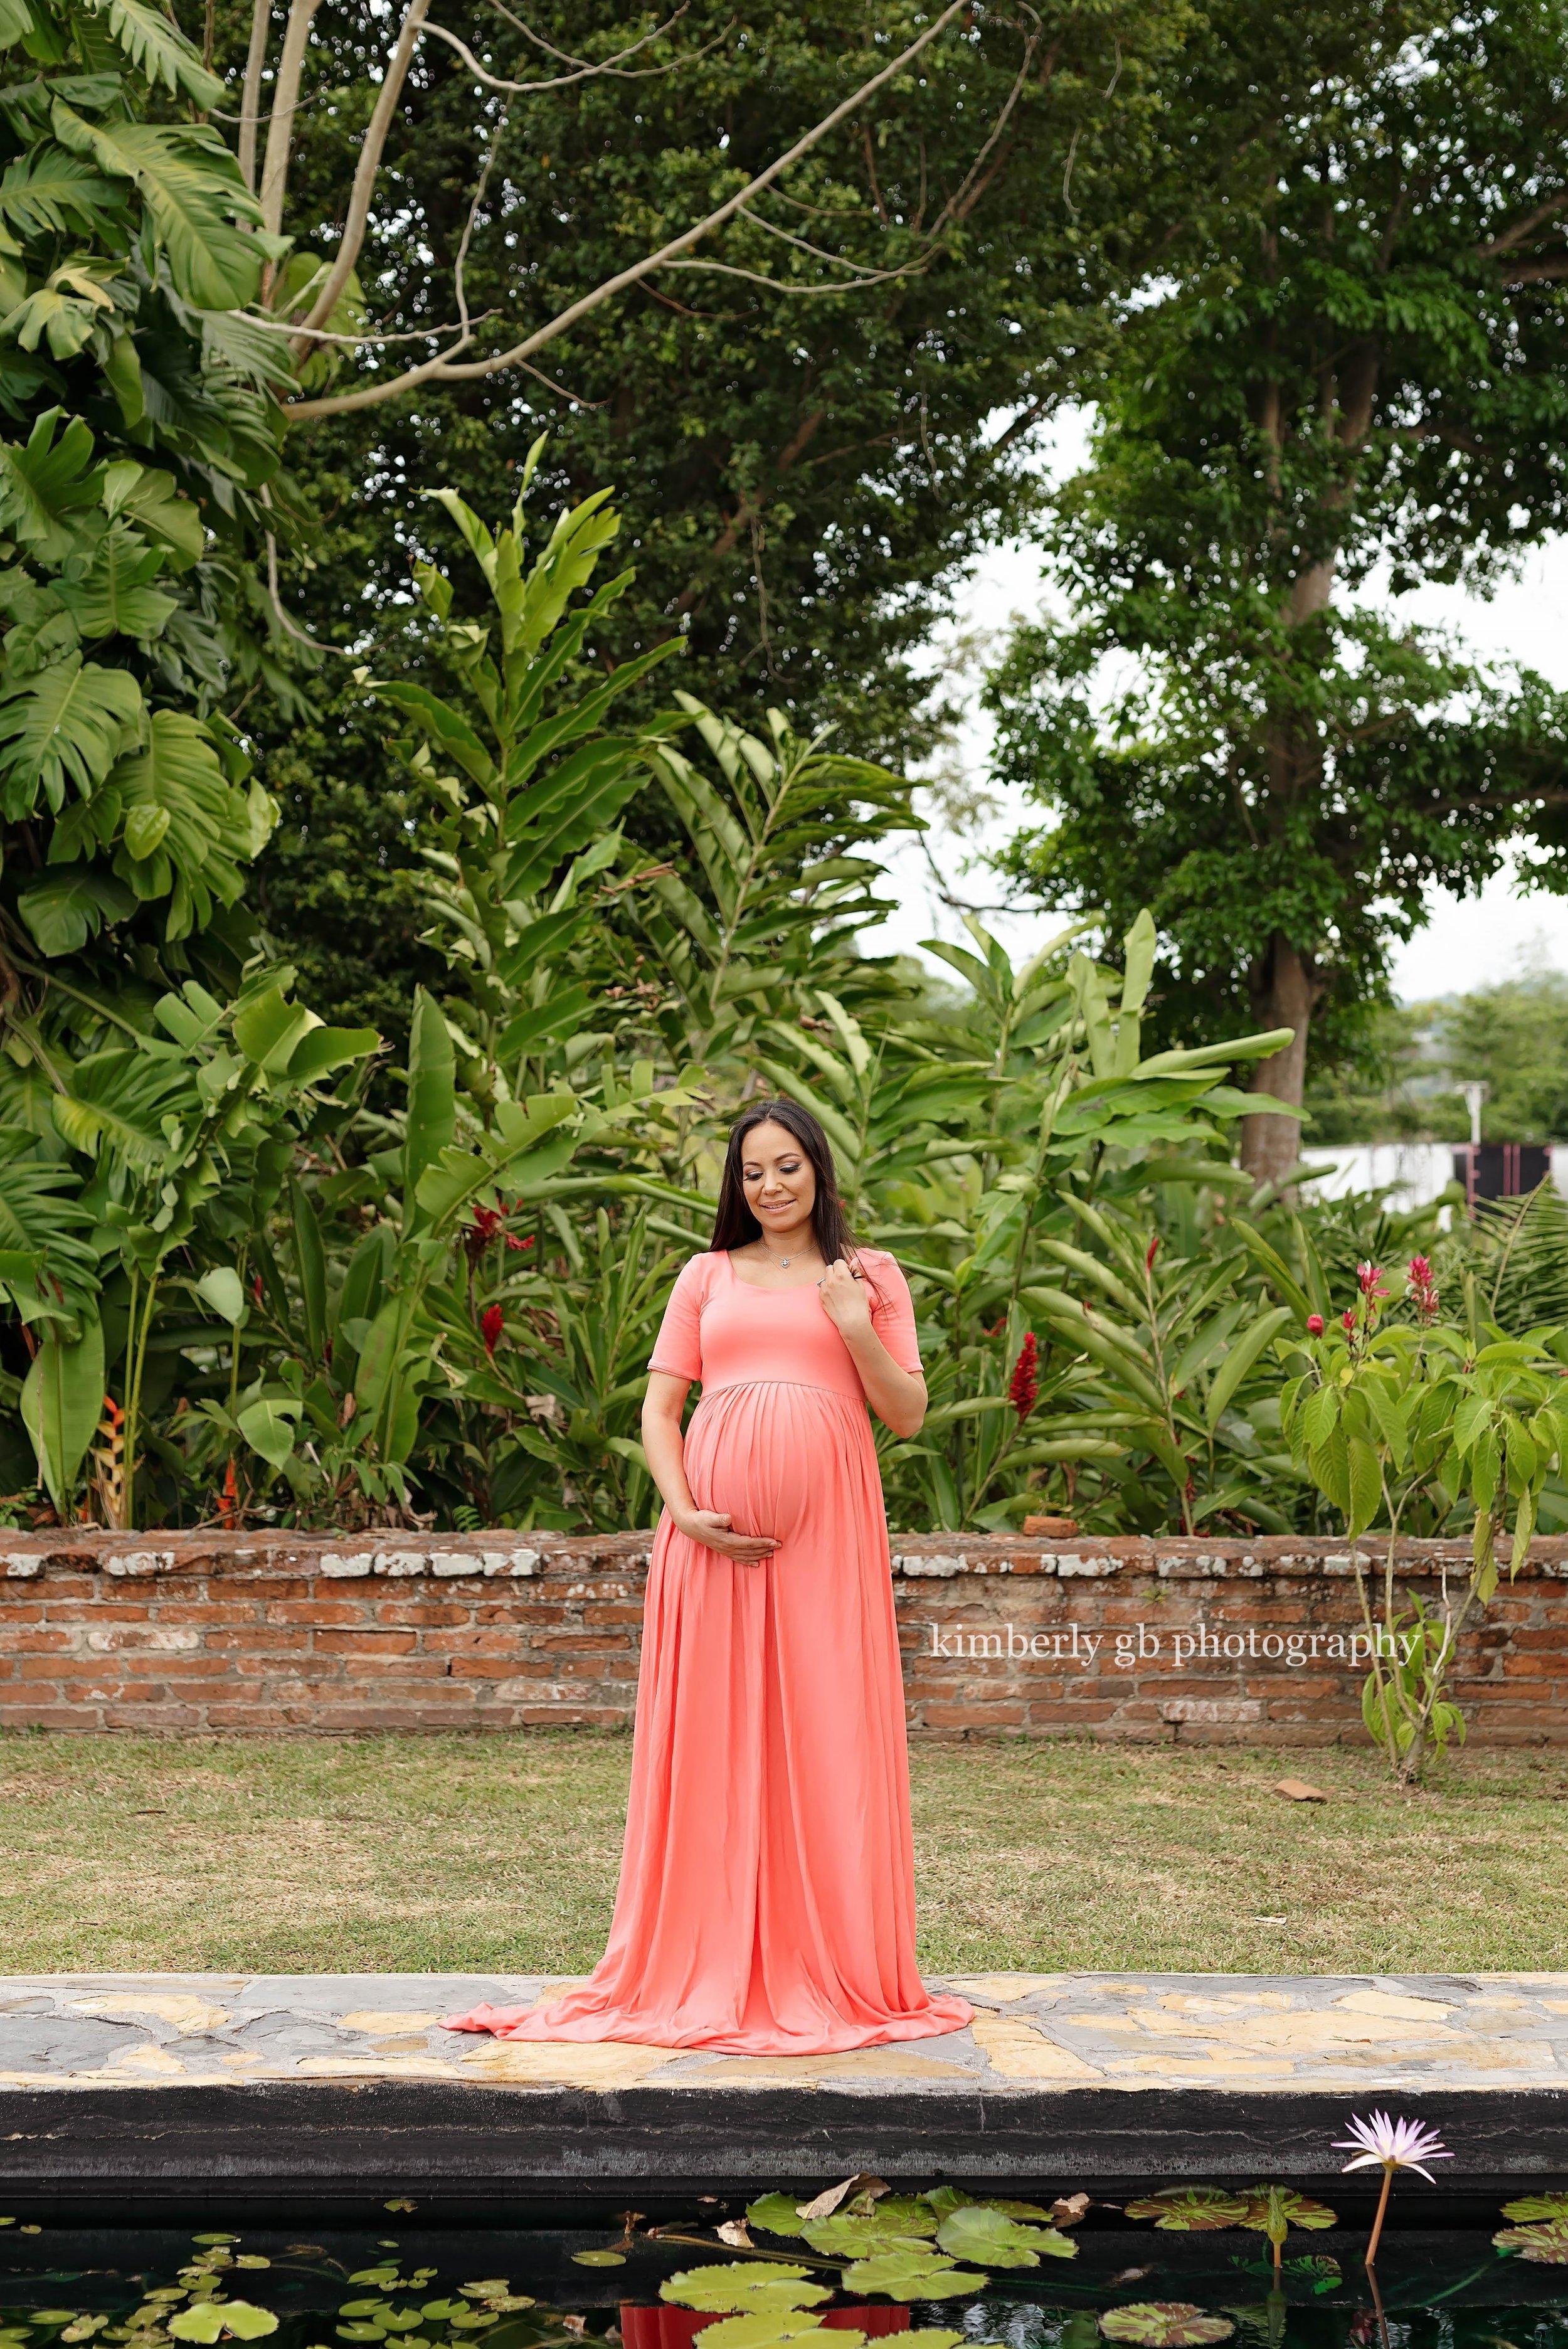 fotografia-fotografa-de-maternidad-embarazo-embarazada-en-puerto-rico-fotografia-185.jpg